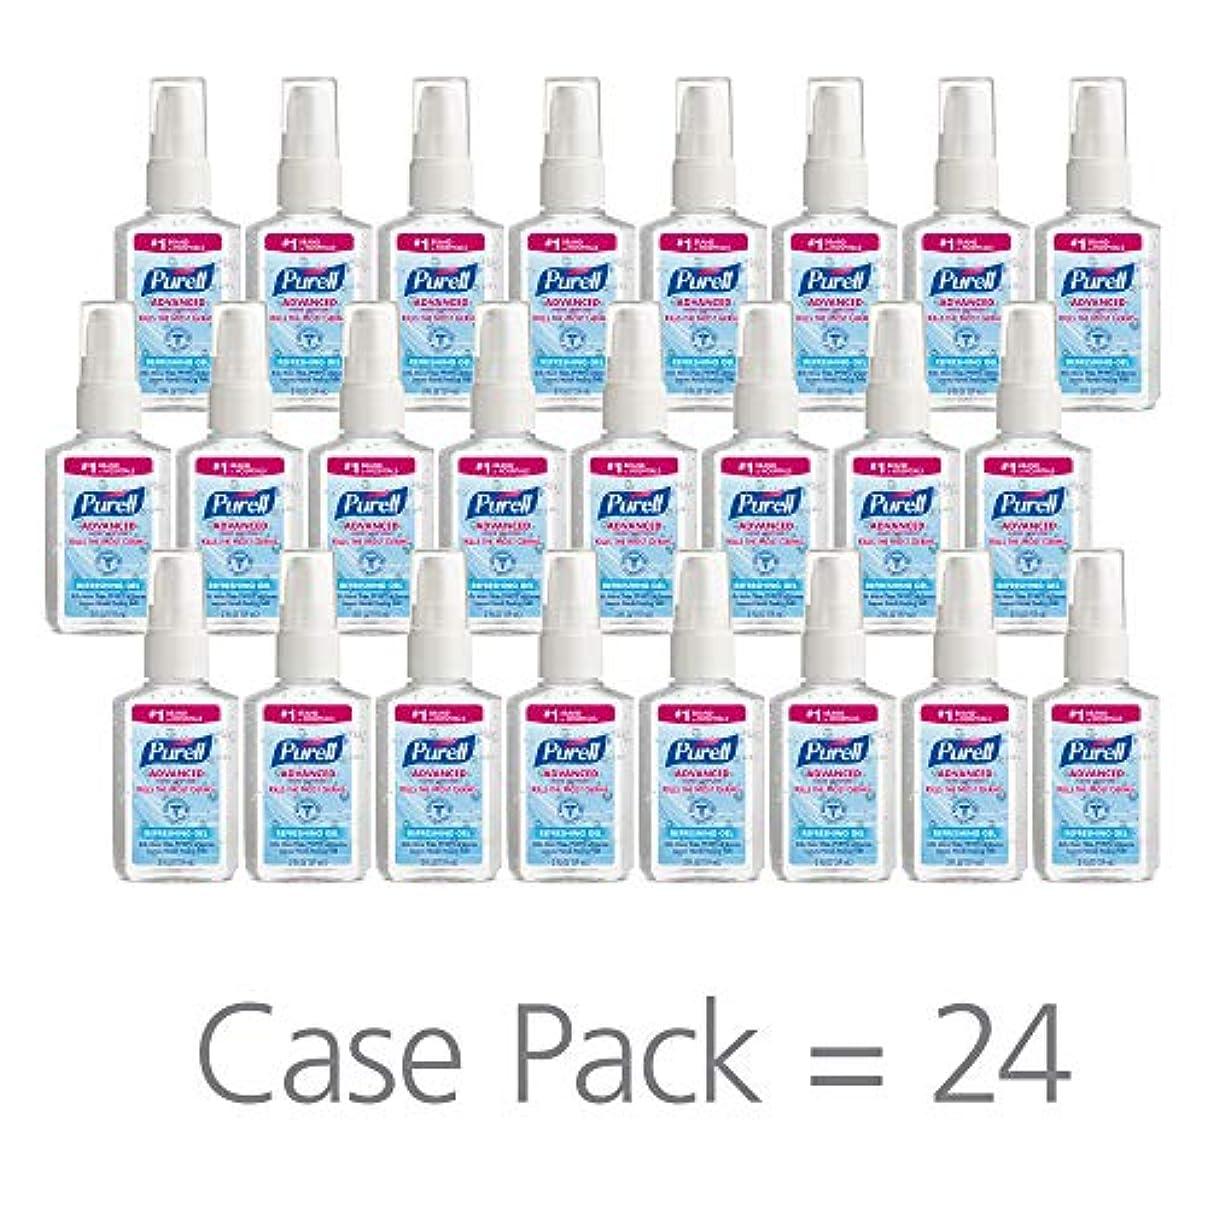 負担肉腫くまPURELL 9606-24 Advanced Instant Hand Sanitizer, 2 fl. oz. Pump Bottle (Case of 24),2 fl. Oz by Purell